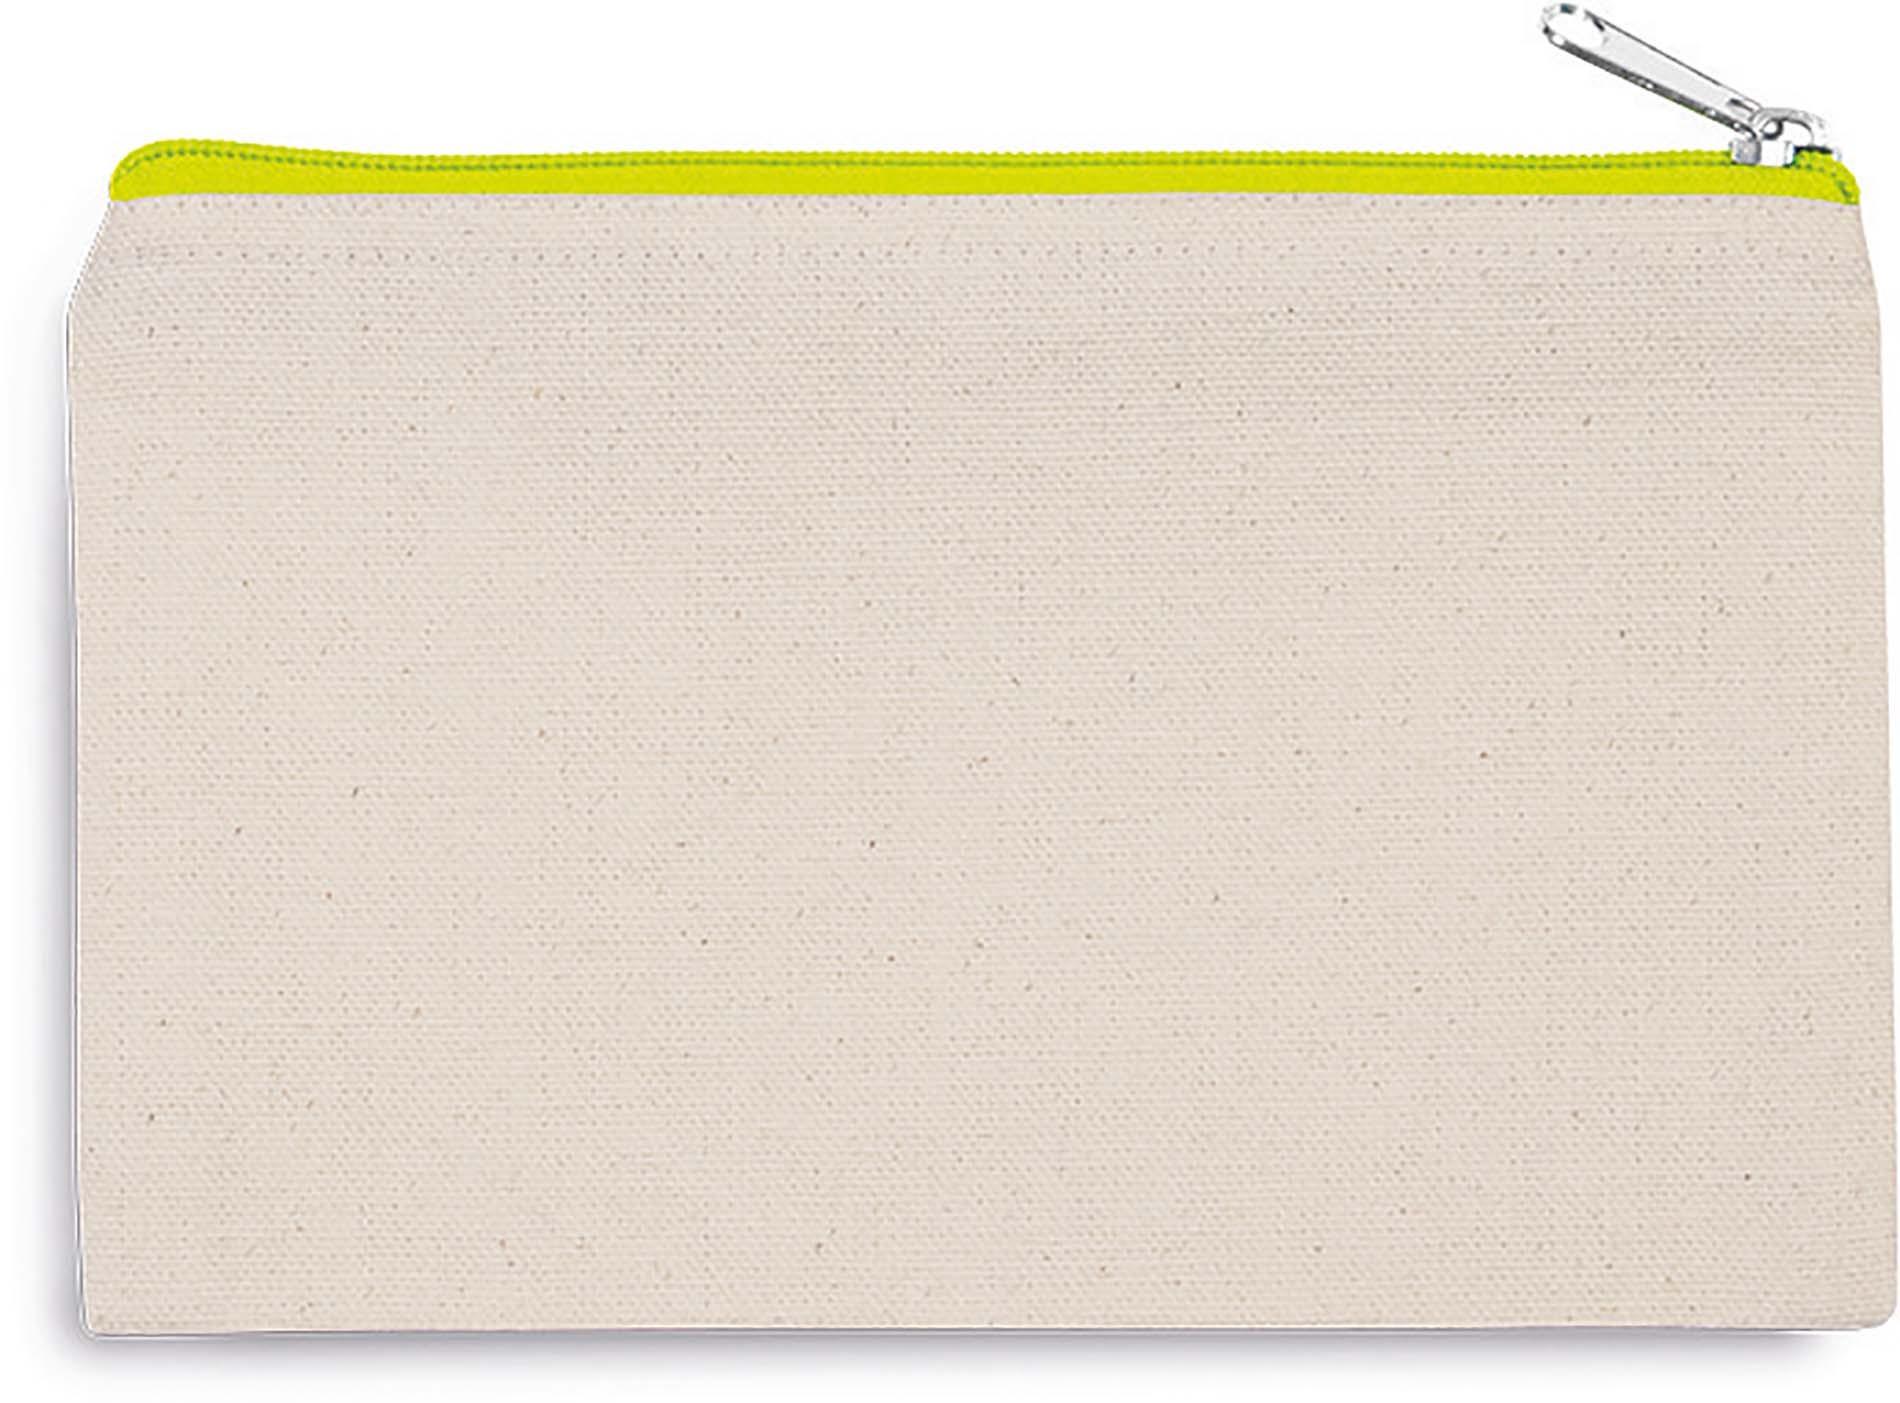 Pochette en coton canvas - petit modèle